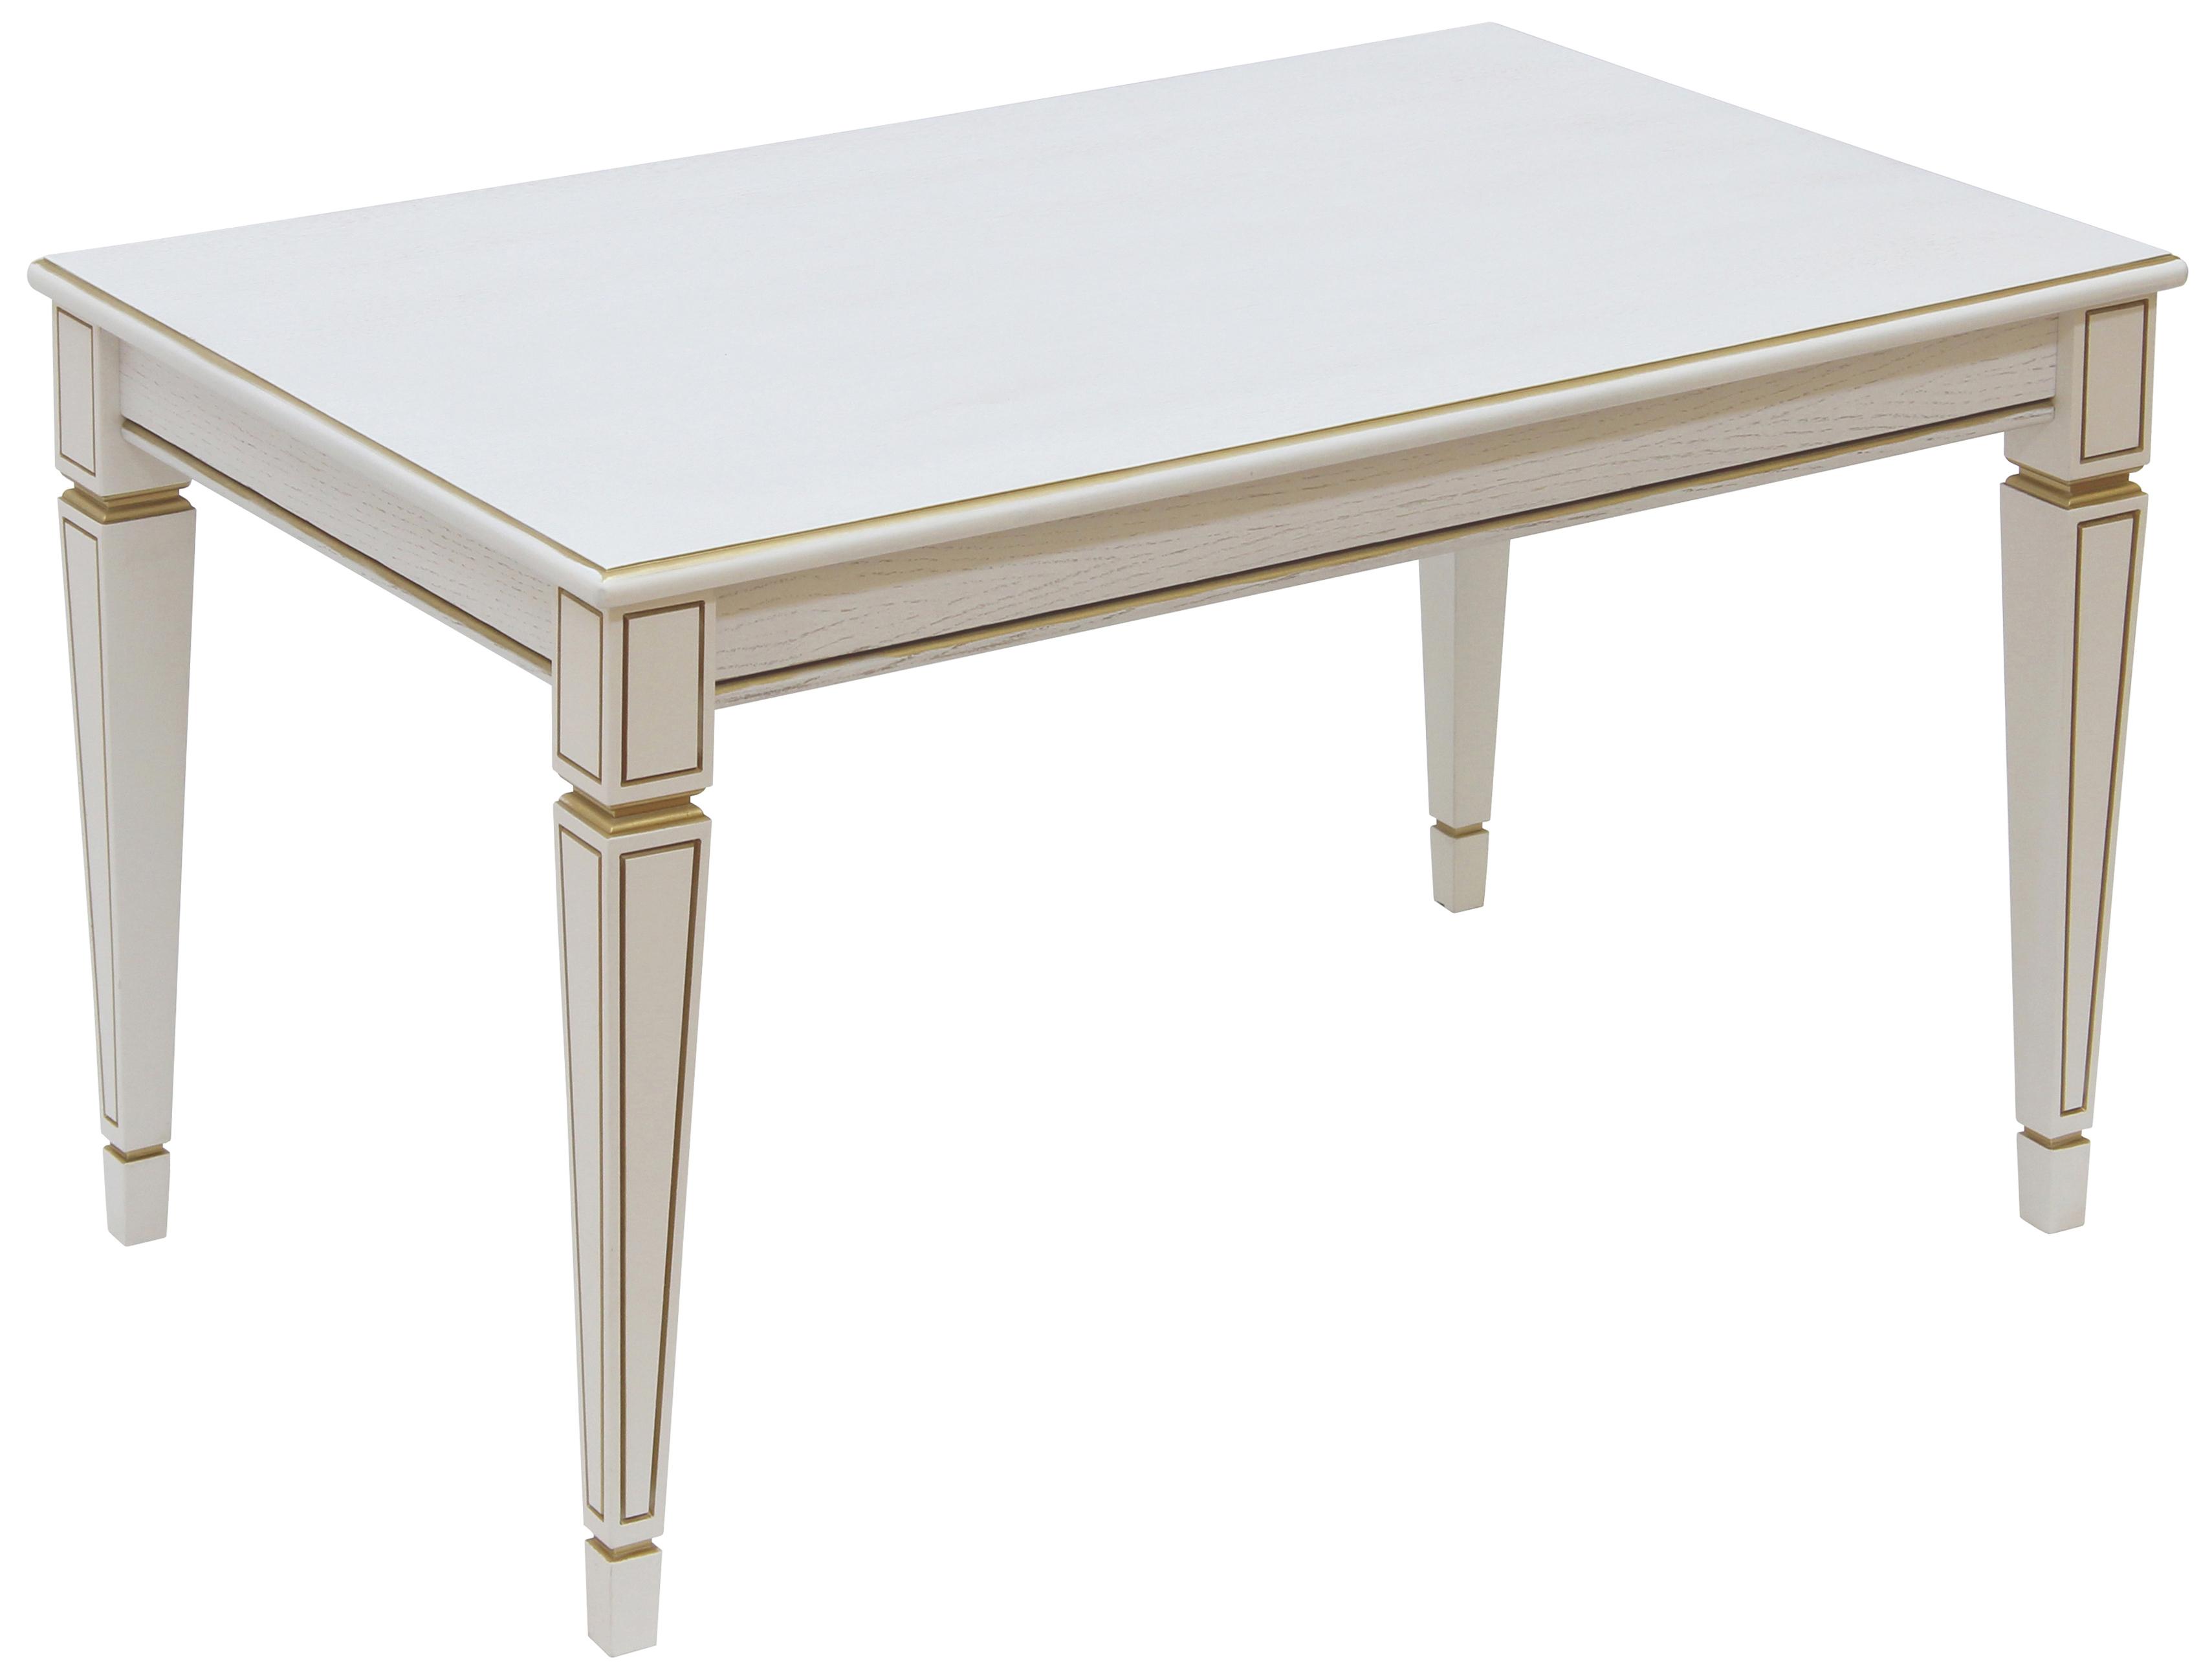 Журнальный столик Мебелик Васко В 81 В 81 92х58х52 см, белый ясень/золото